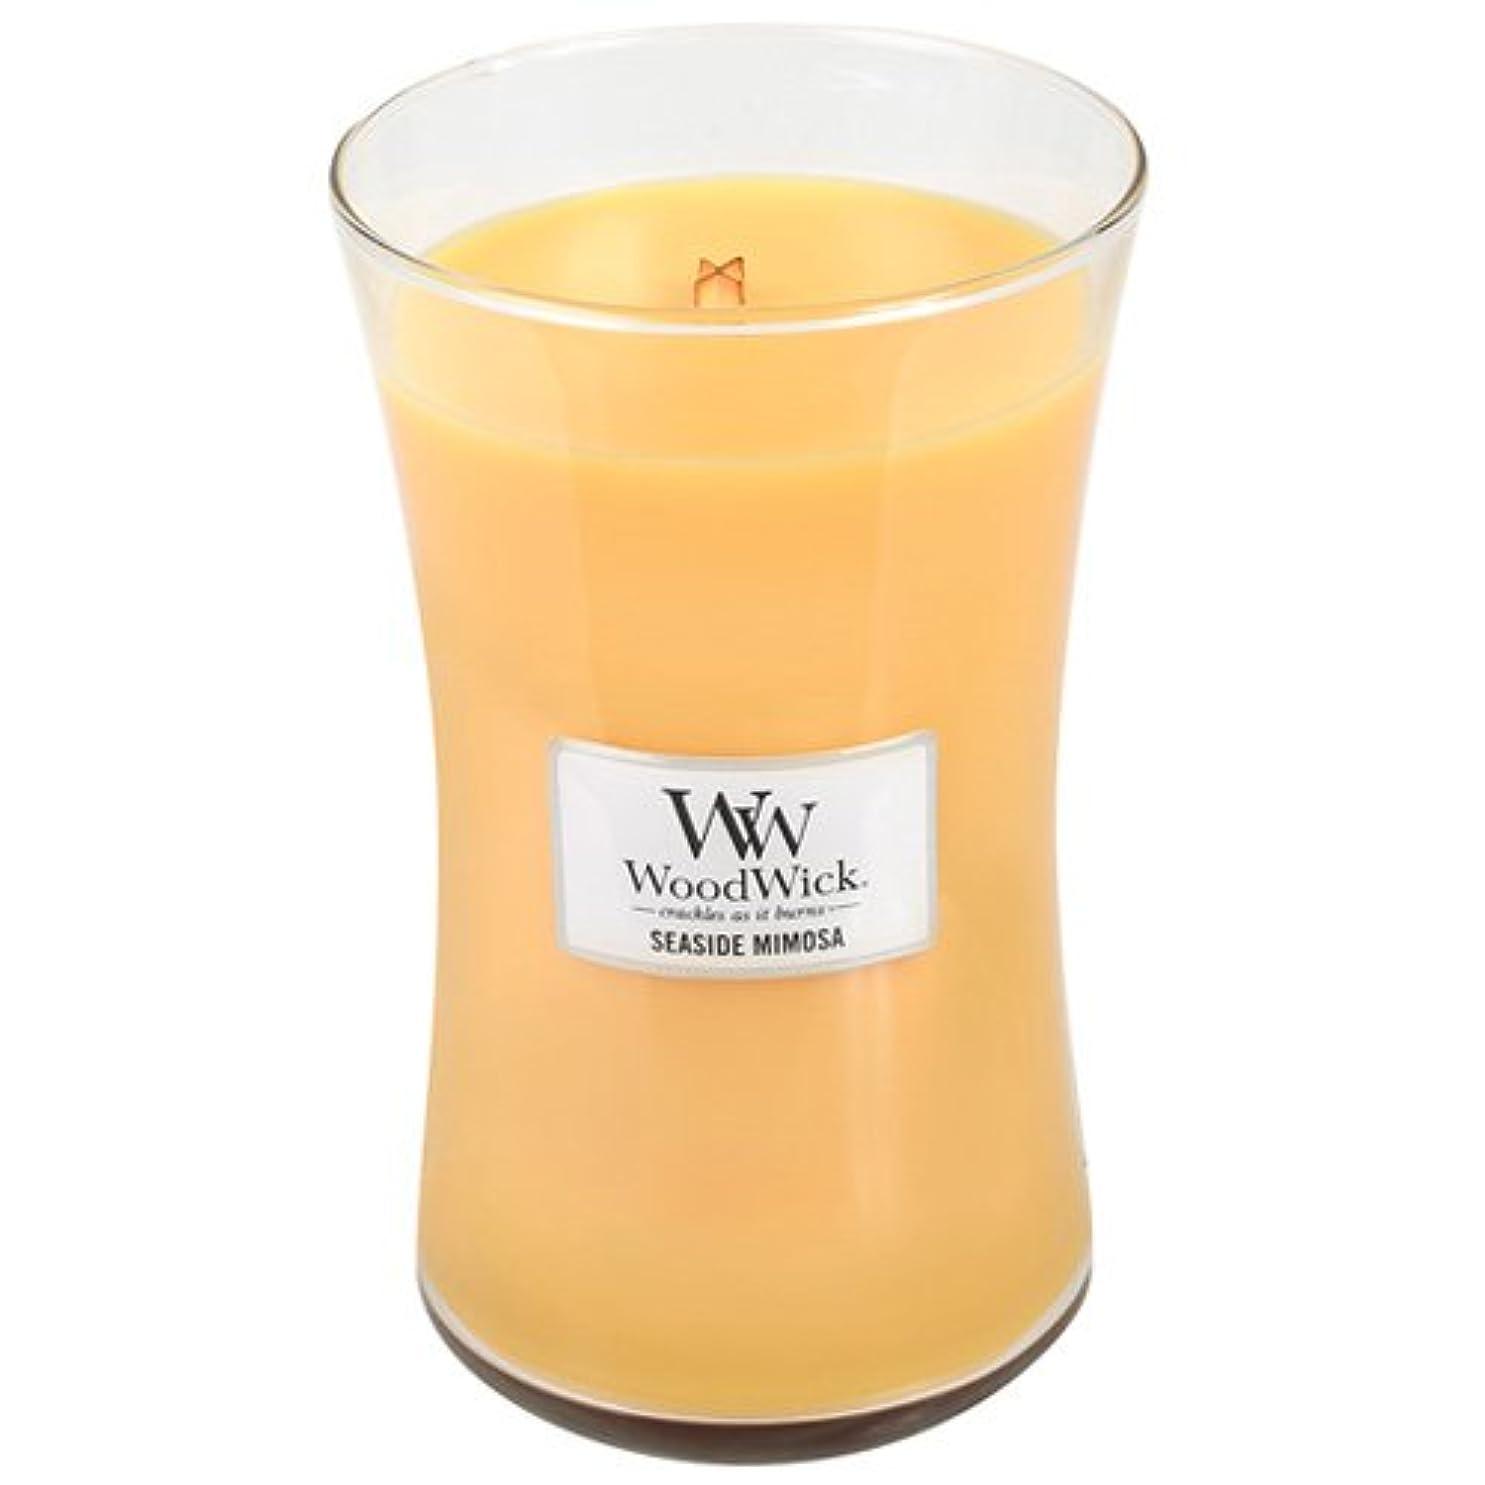 ギャンブルミュート炎上SeasideミモザWoodWick 22oz香りつきJar Candle Burns 180時間